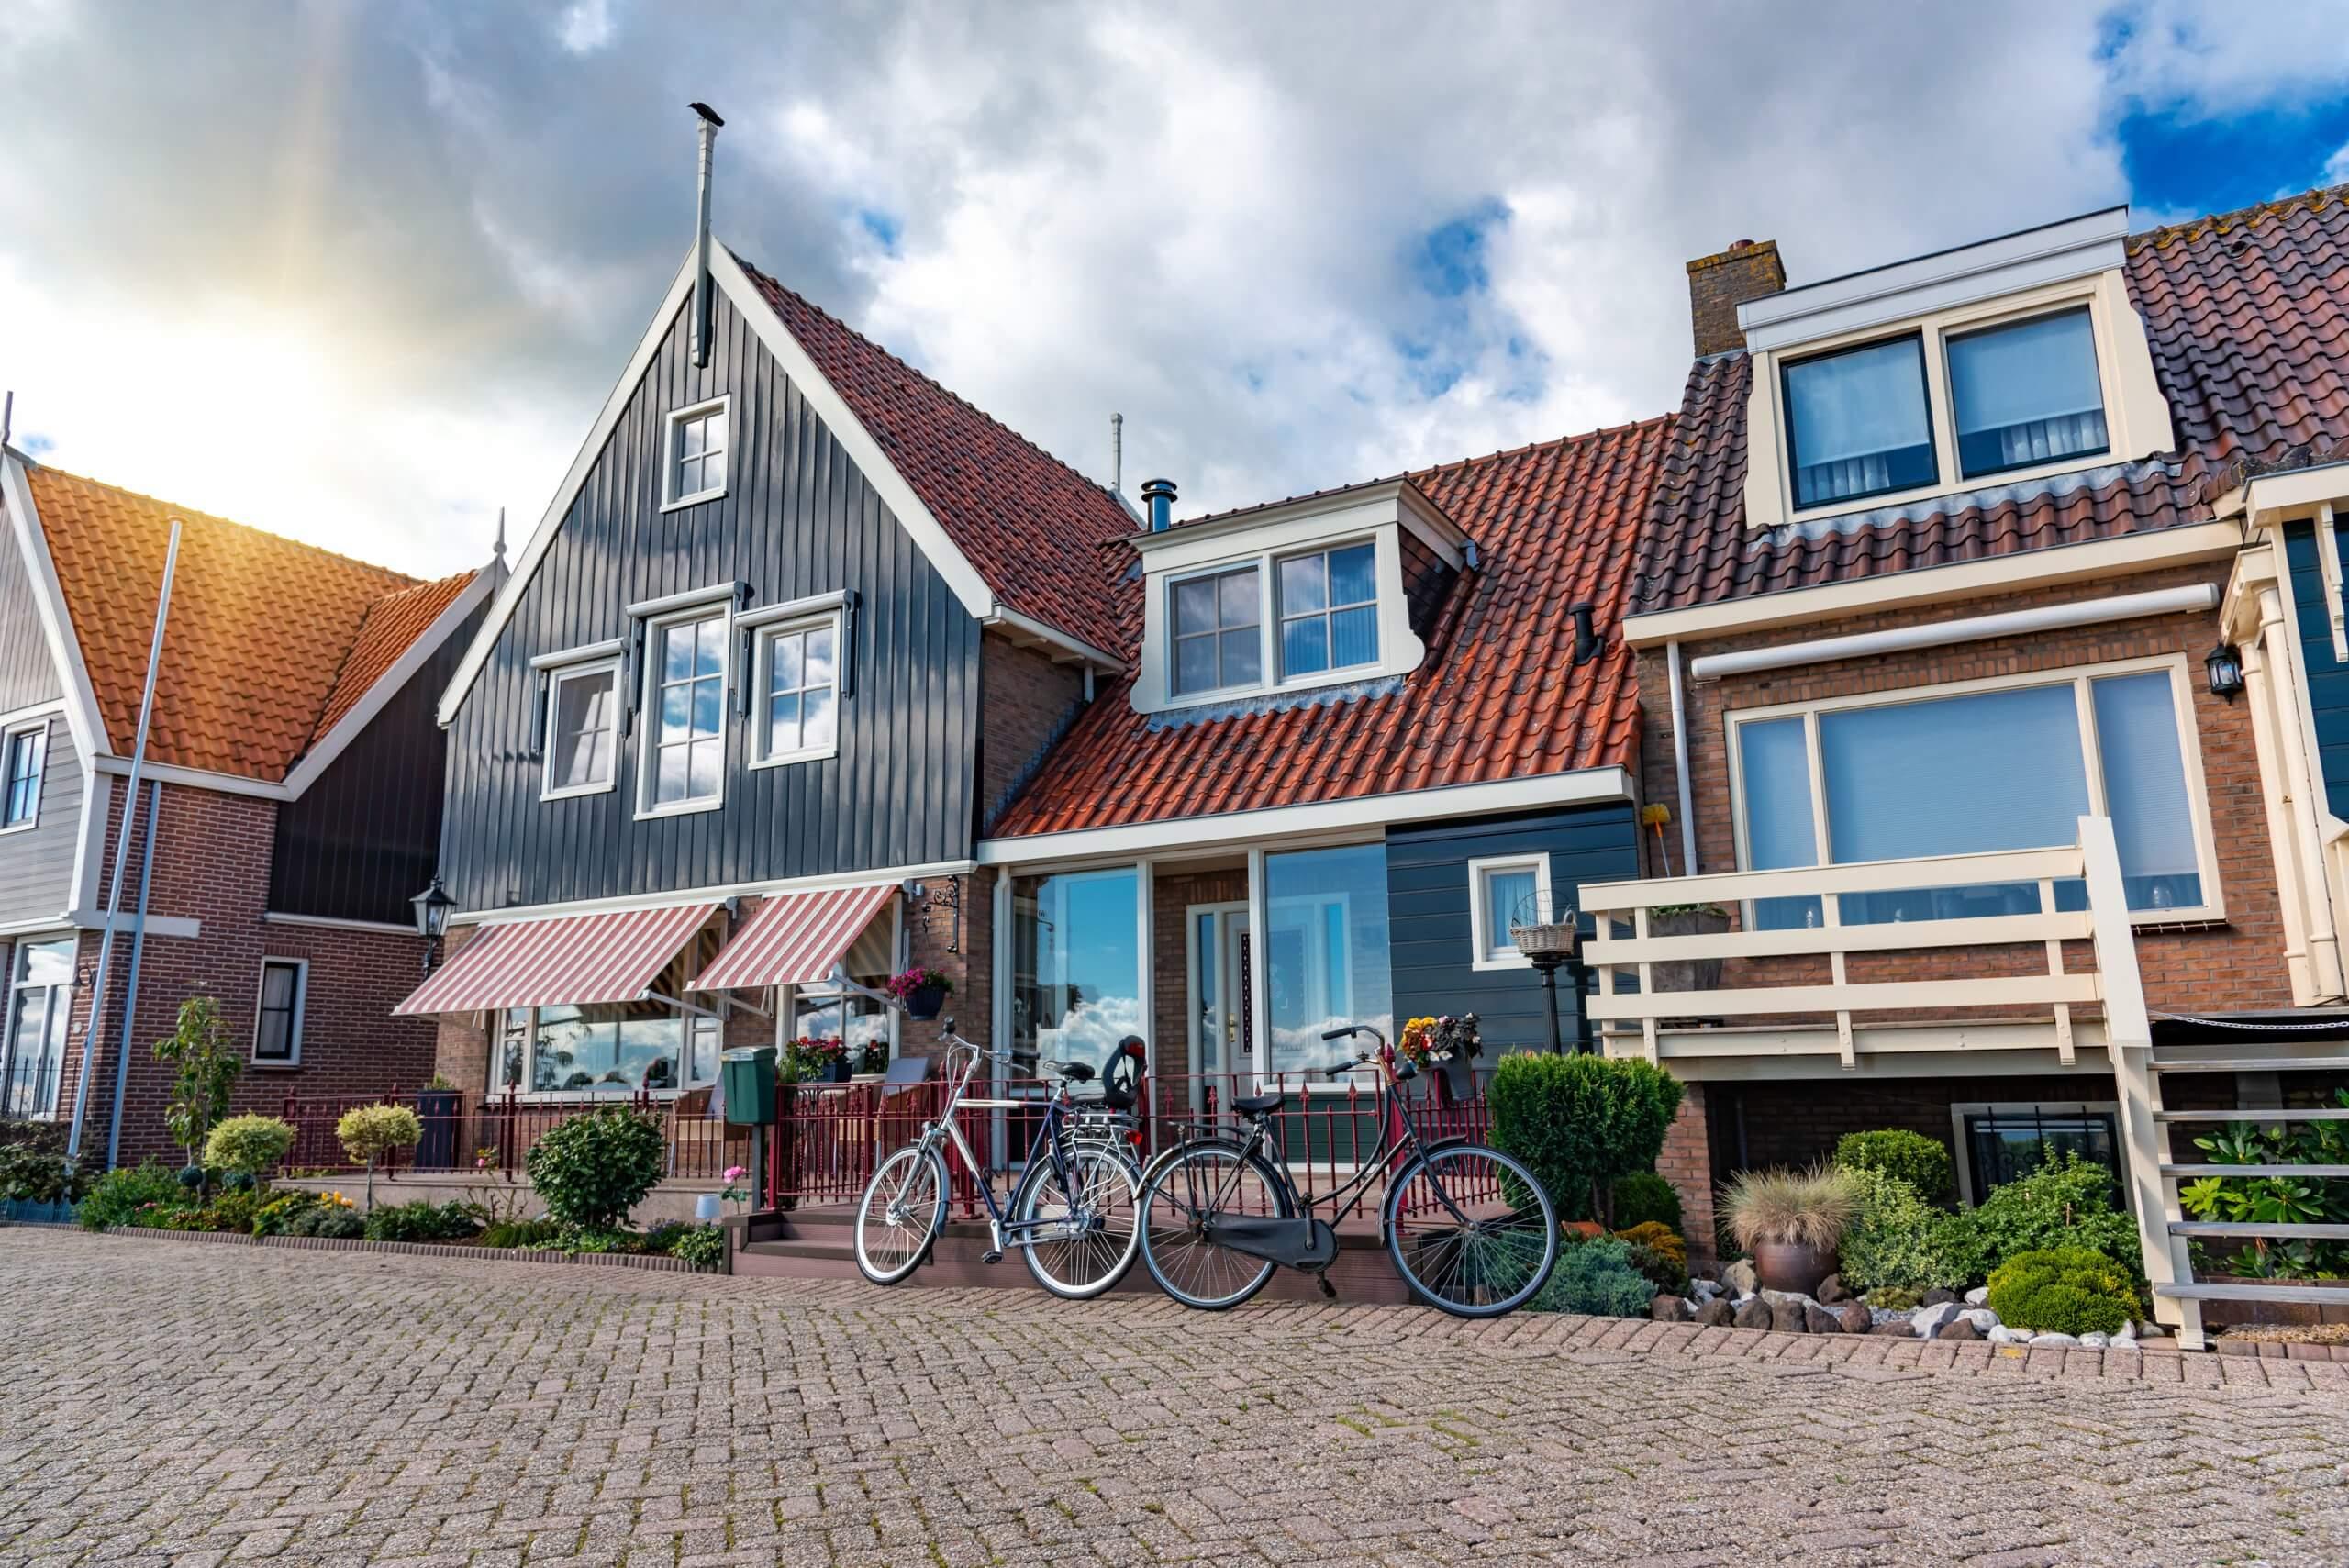 تقوم المزيد من البلديات بإدخال متطلبات معيشية لأصحاب المنازل الجديدة